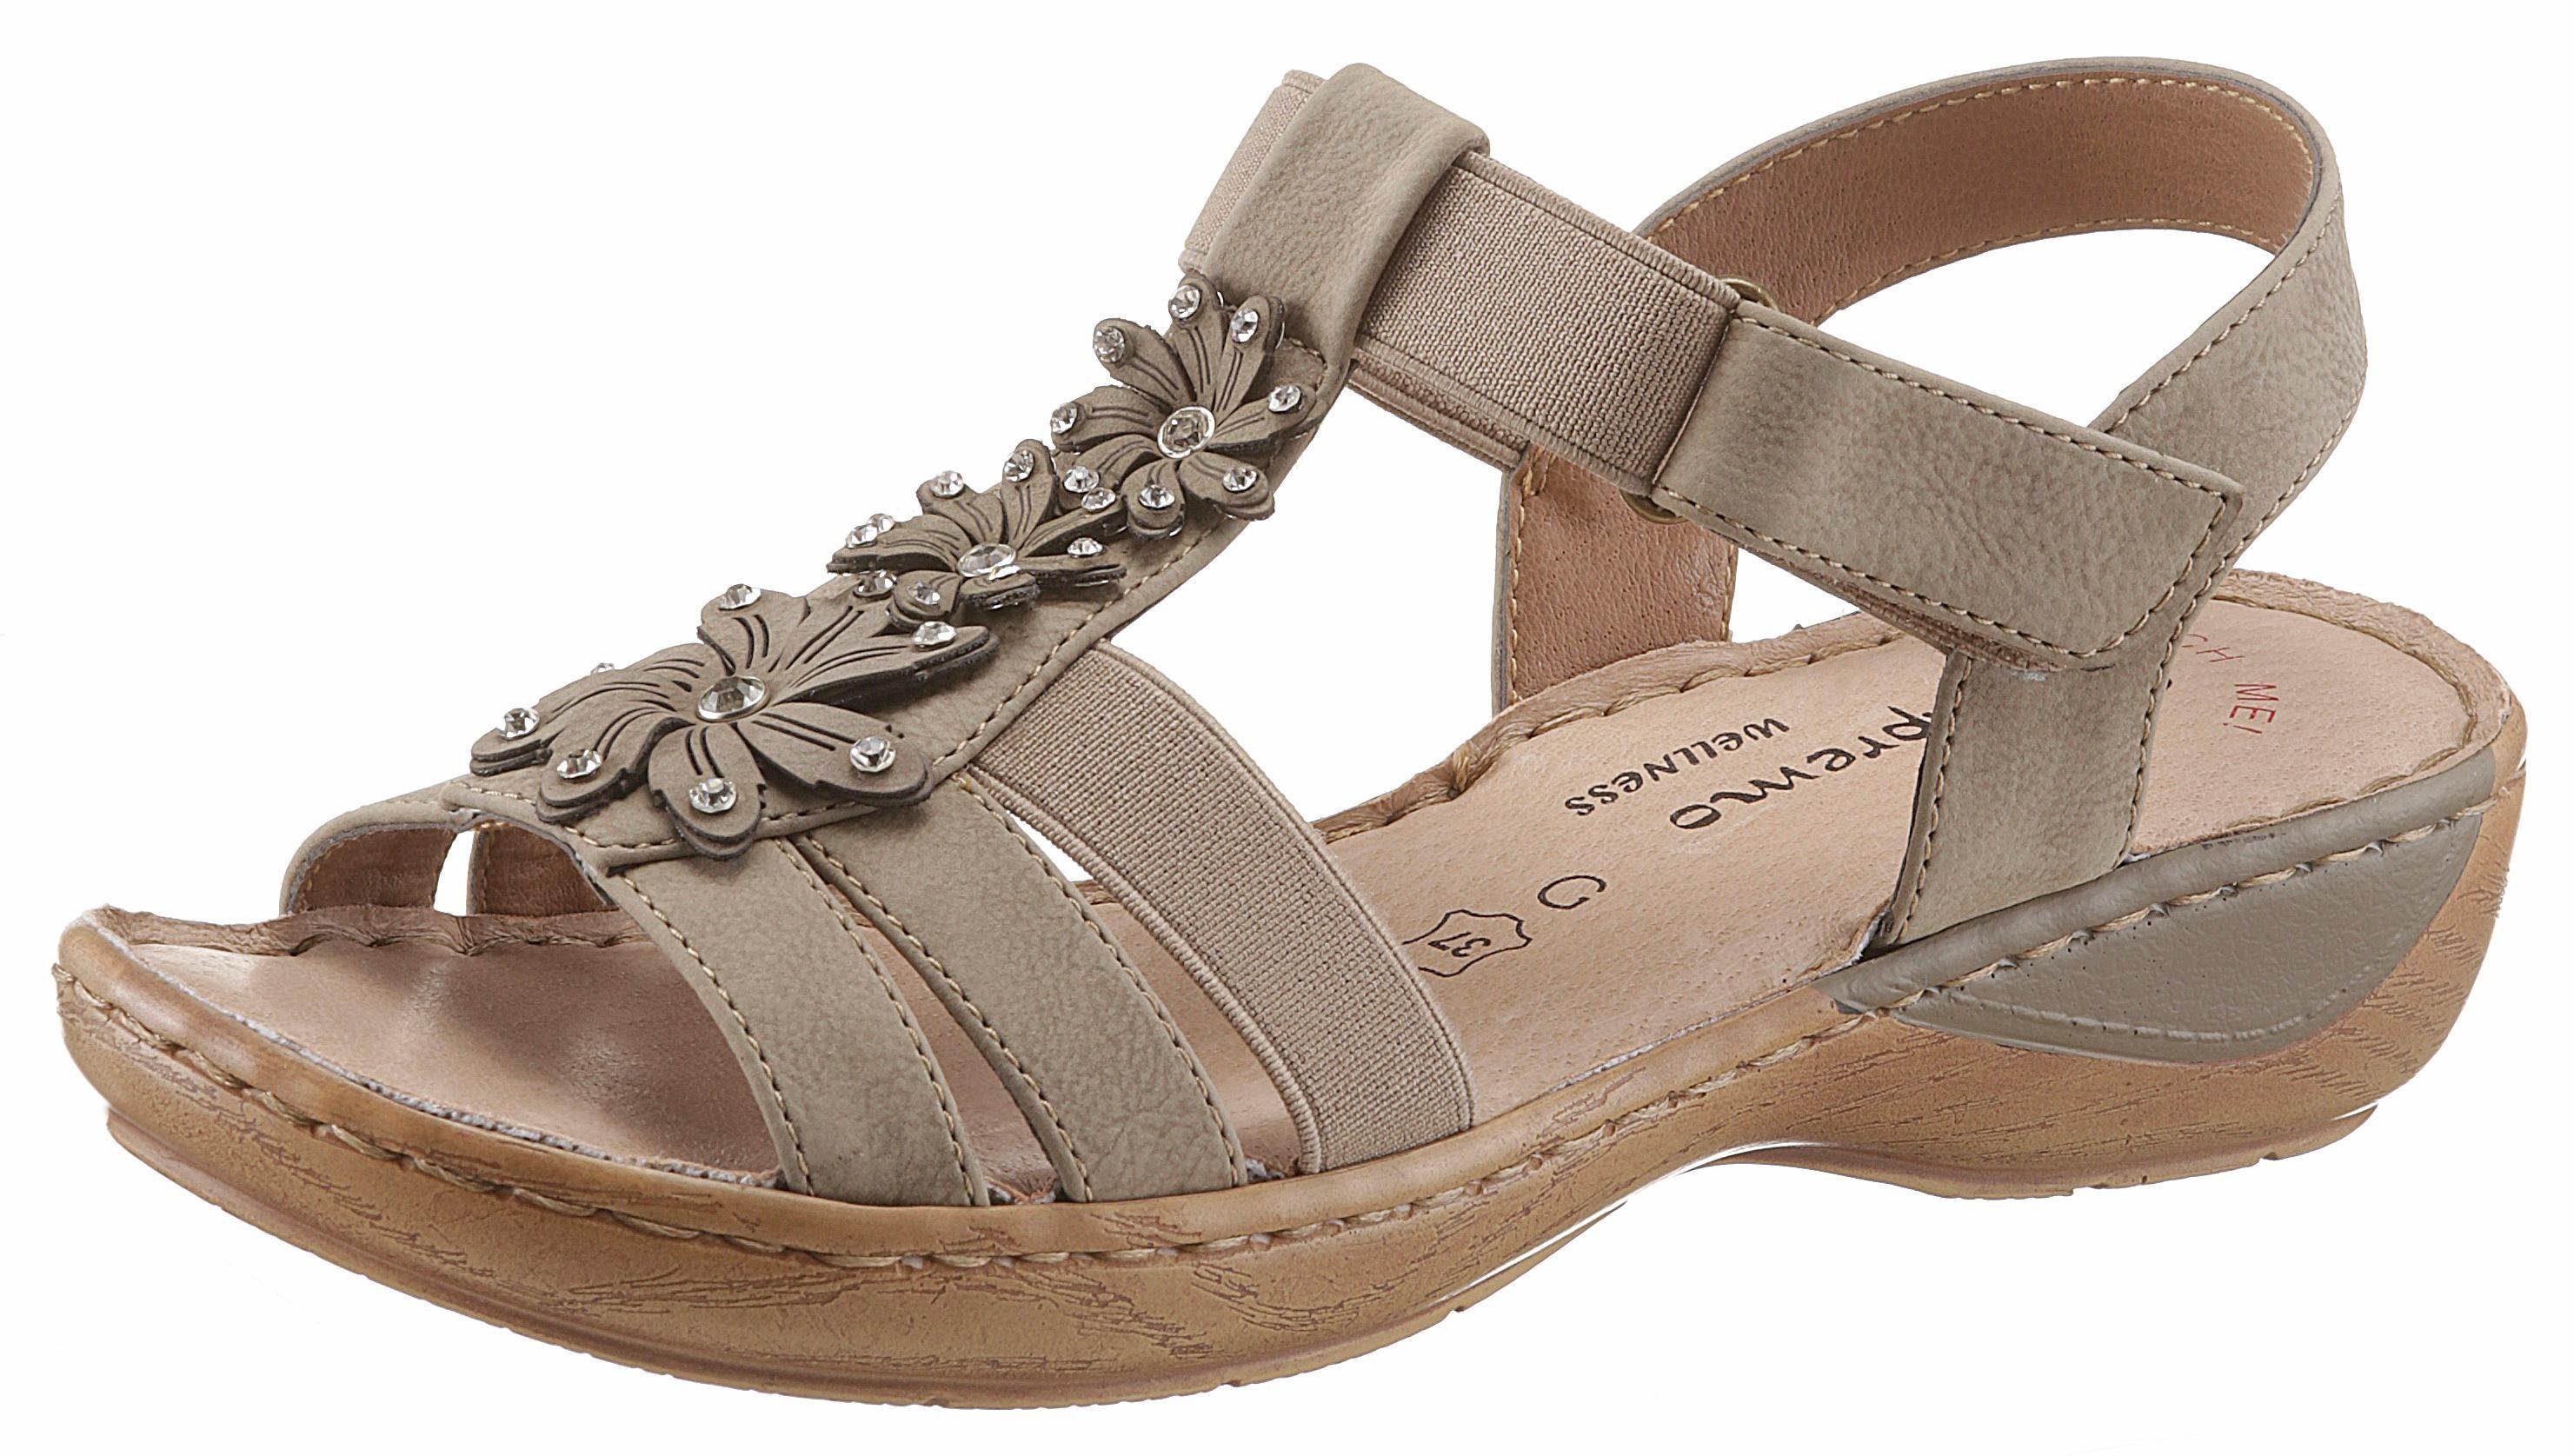 Supremo Riemchensandale, in bequemer Schuhweite G (weit) online kaufen  dunkelbeige